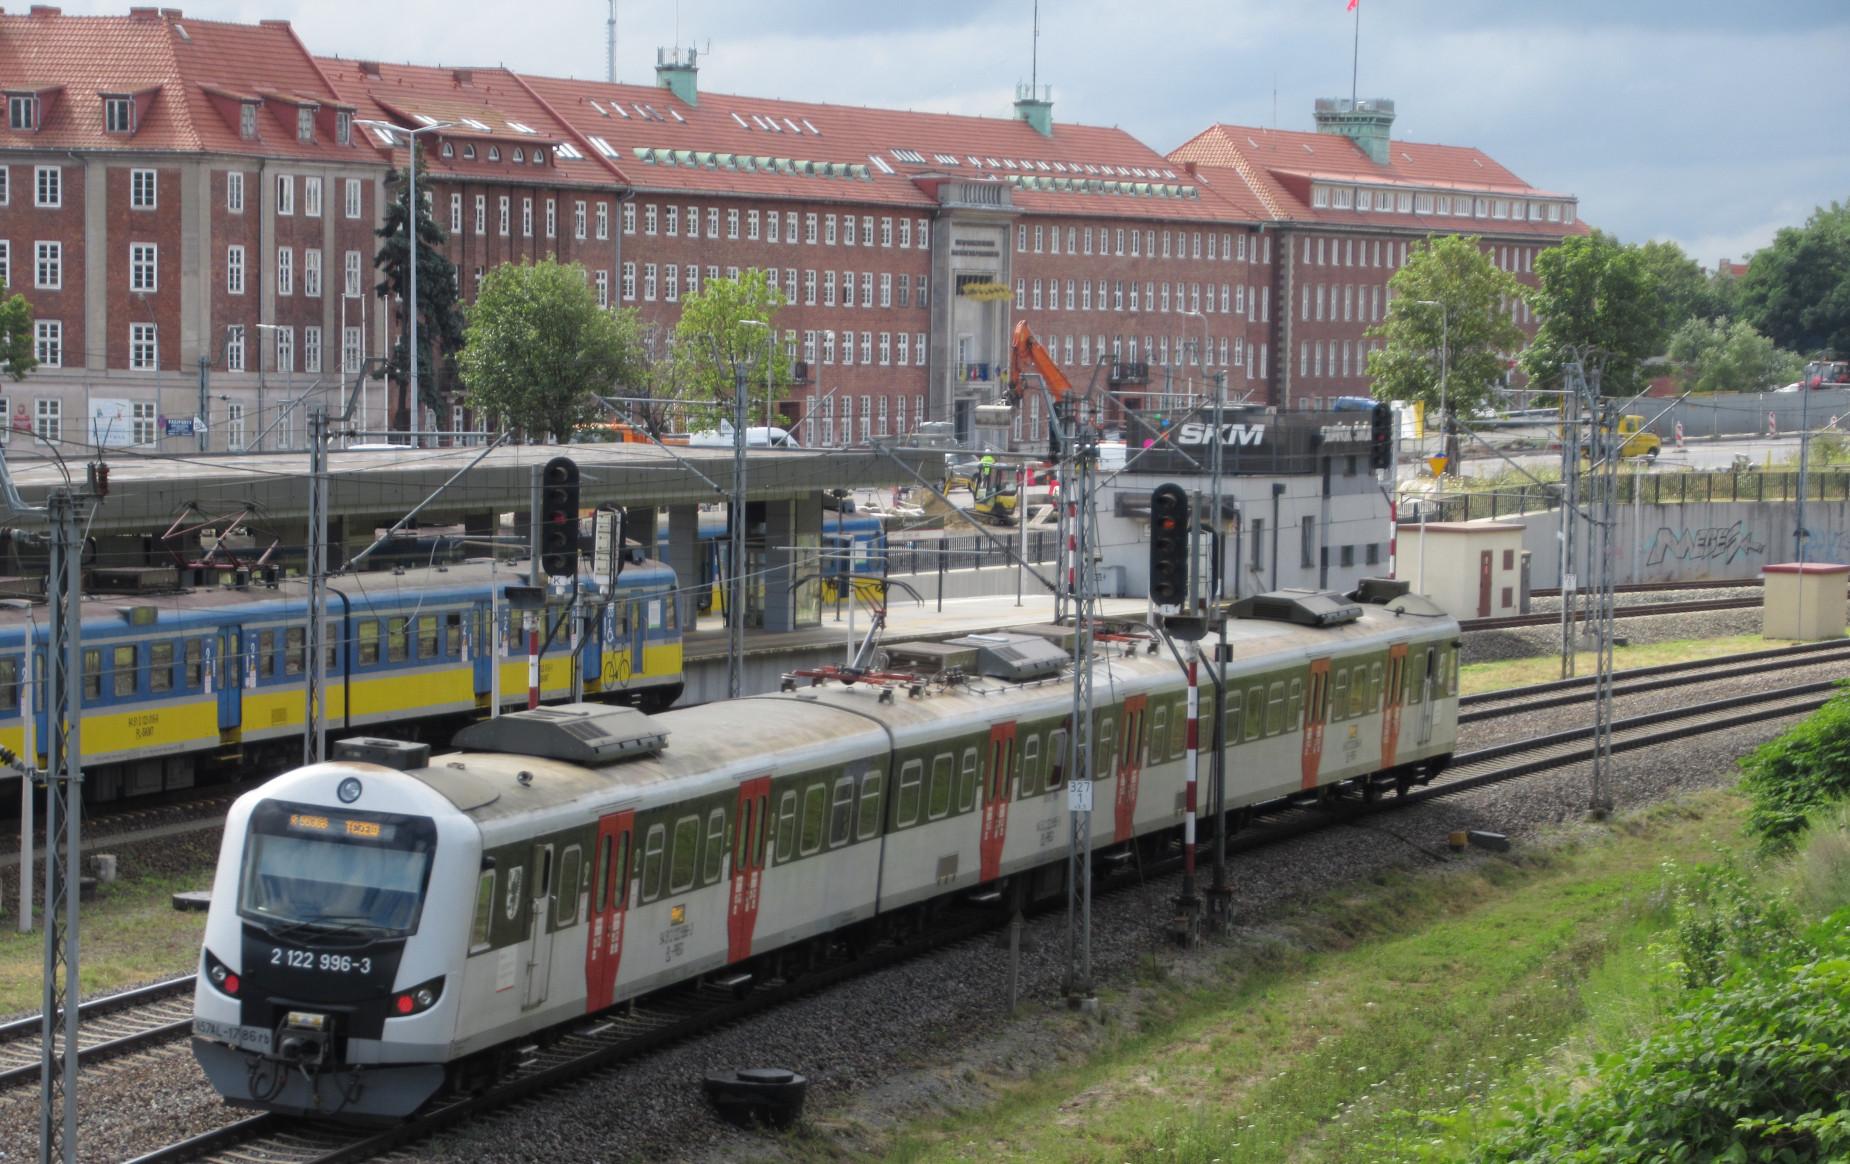 Wielkie ułatwienie dla podróżujących koleją. Od 1 lipca 2020 r. w całym regionie będzie obowiązywać Taryfa Pomorska